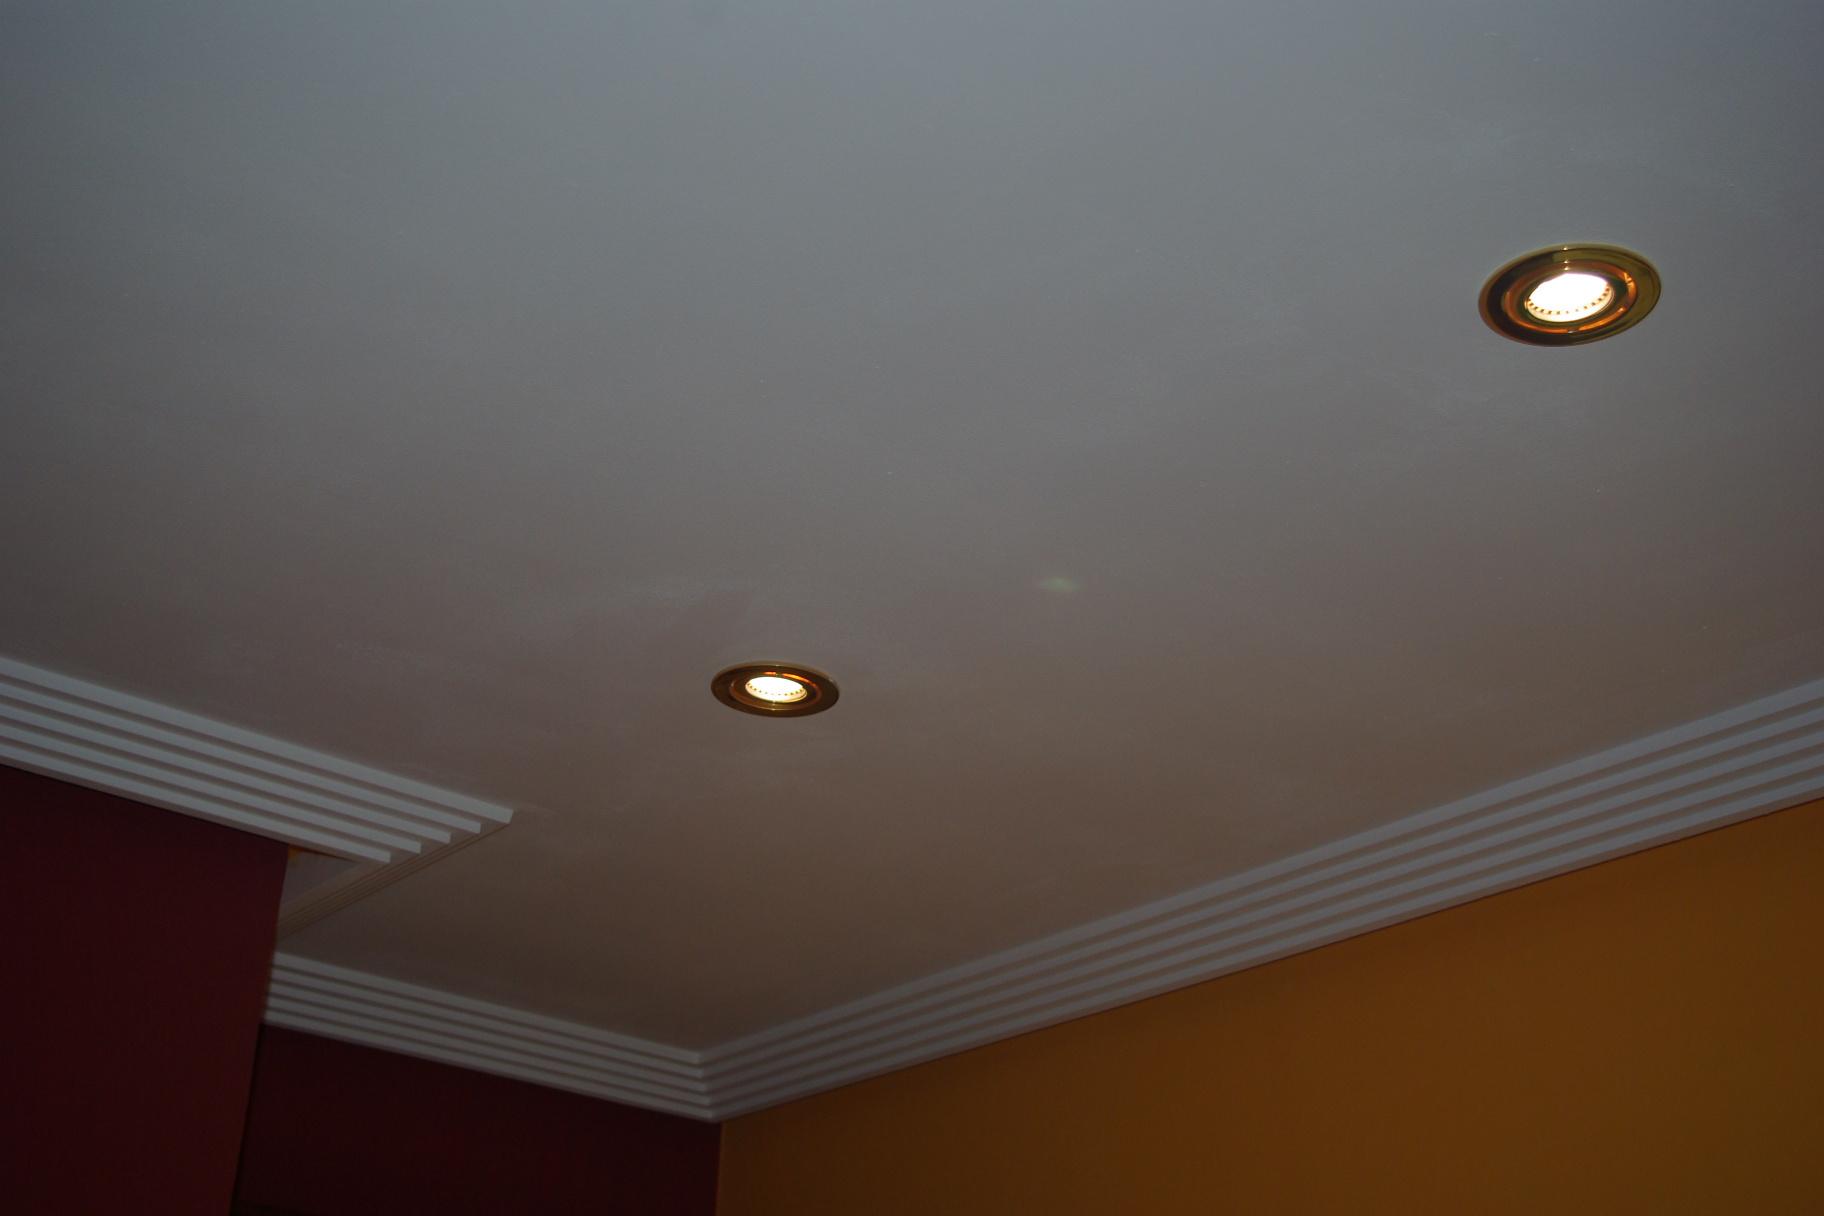 Pin decoracion de techos con telas hawaii dermatology com for Decoracion d